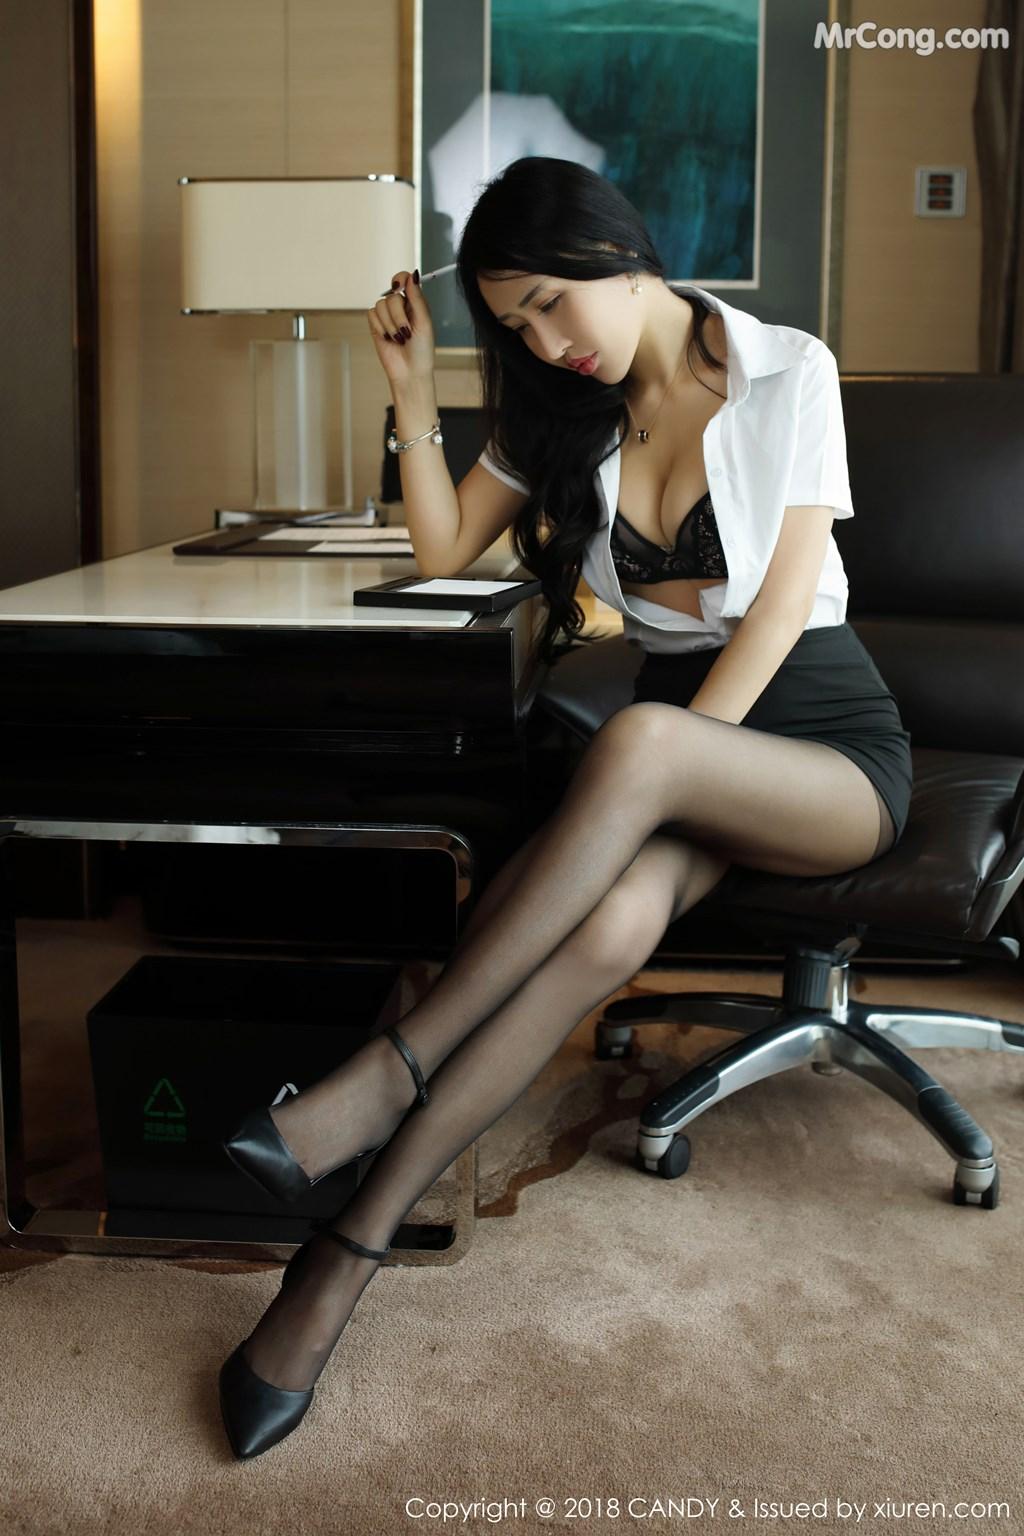 Image CANDY-Vol.063-Yu-Xi-Meng-MrCong.com-010 in post CANDY Vol.063: Người mẫu Yu Xi Meng (俞夕梦) (38 ảnh)